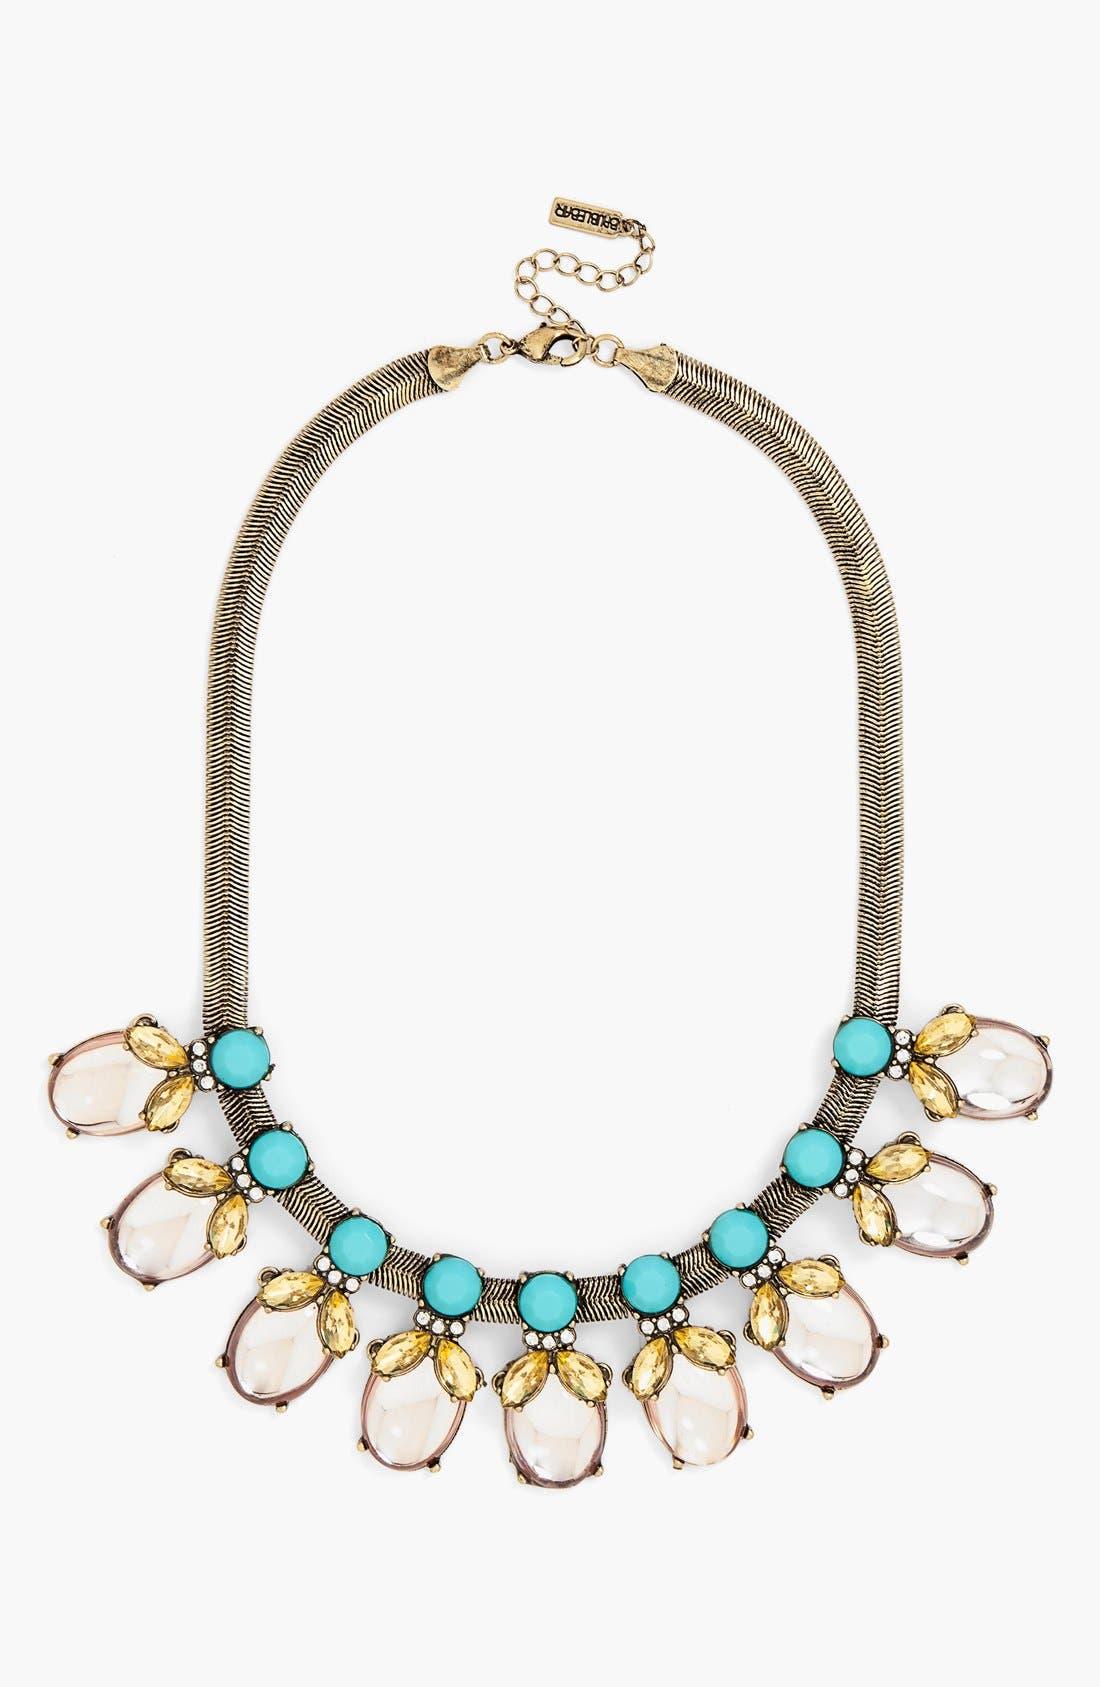 Alternate Image 1 Selected - BaubleBar 'Rosebud' Frontal Necklace